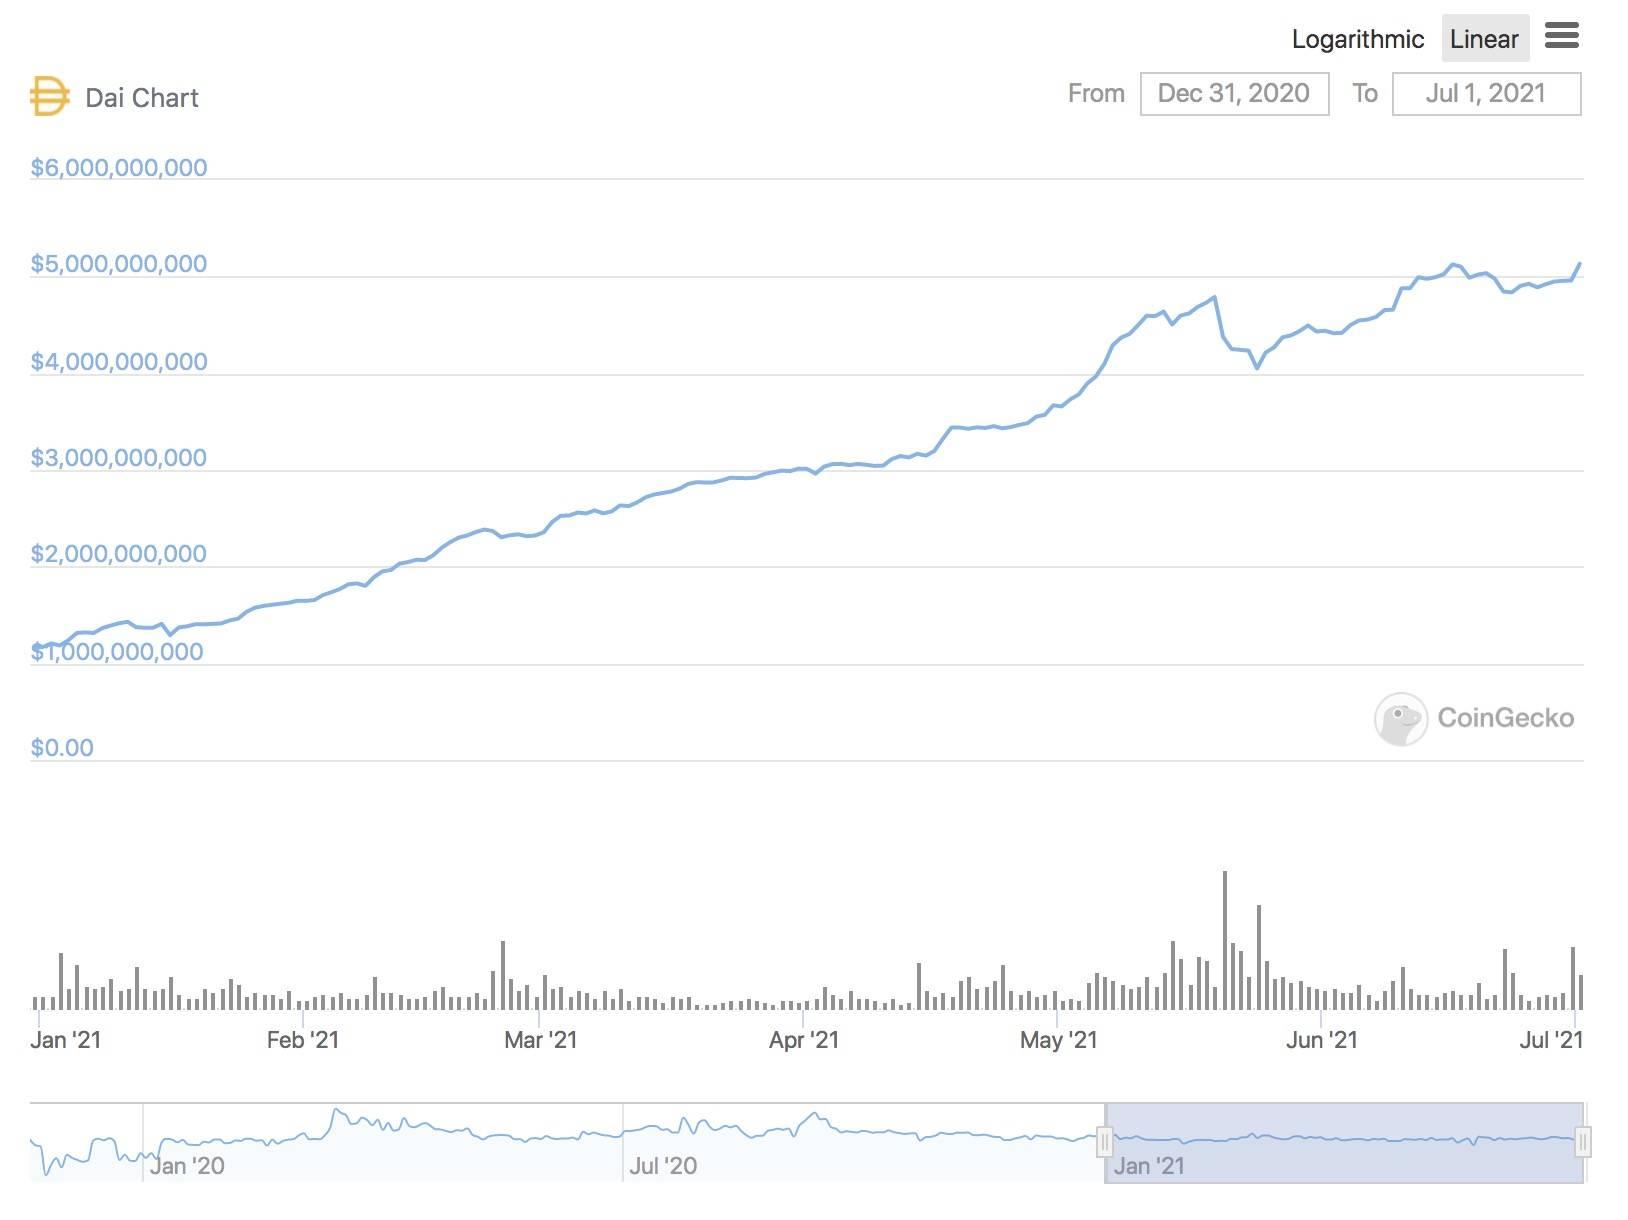 半年增长超800亿美元 稳定币市场究竟谁输谁赢?插图6